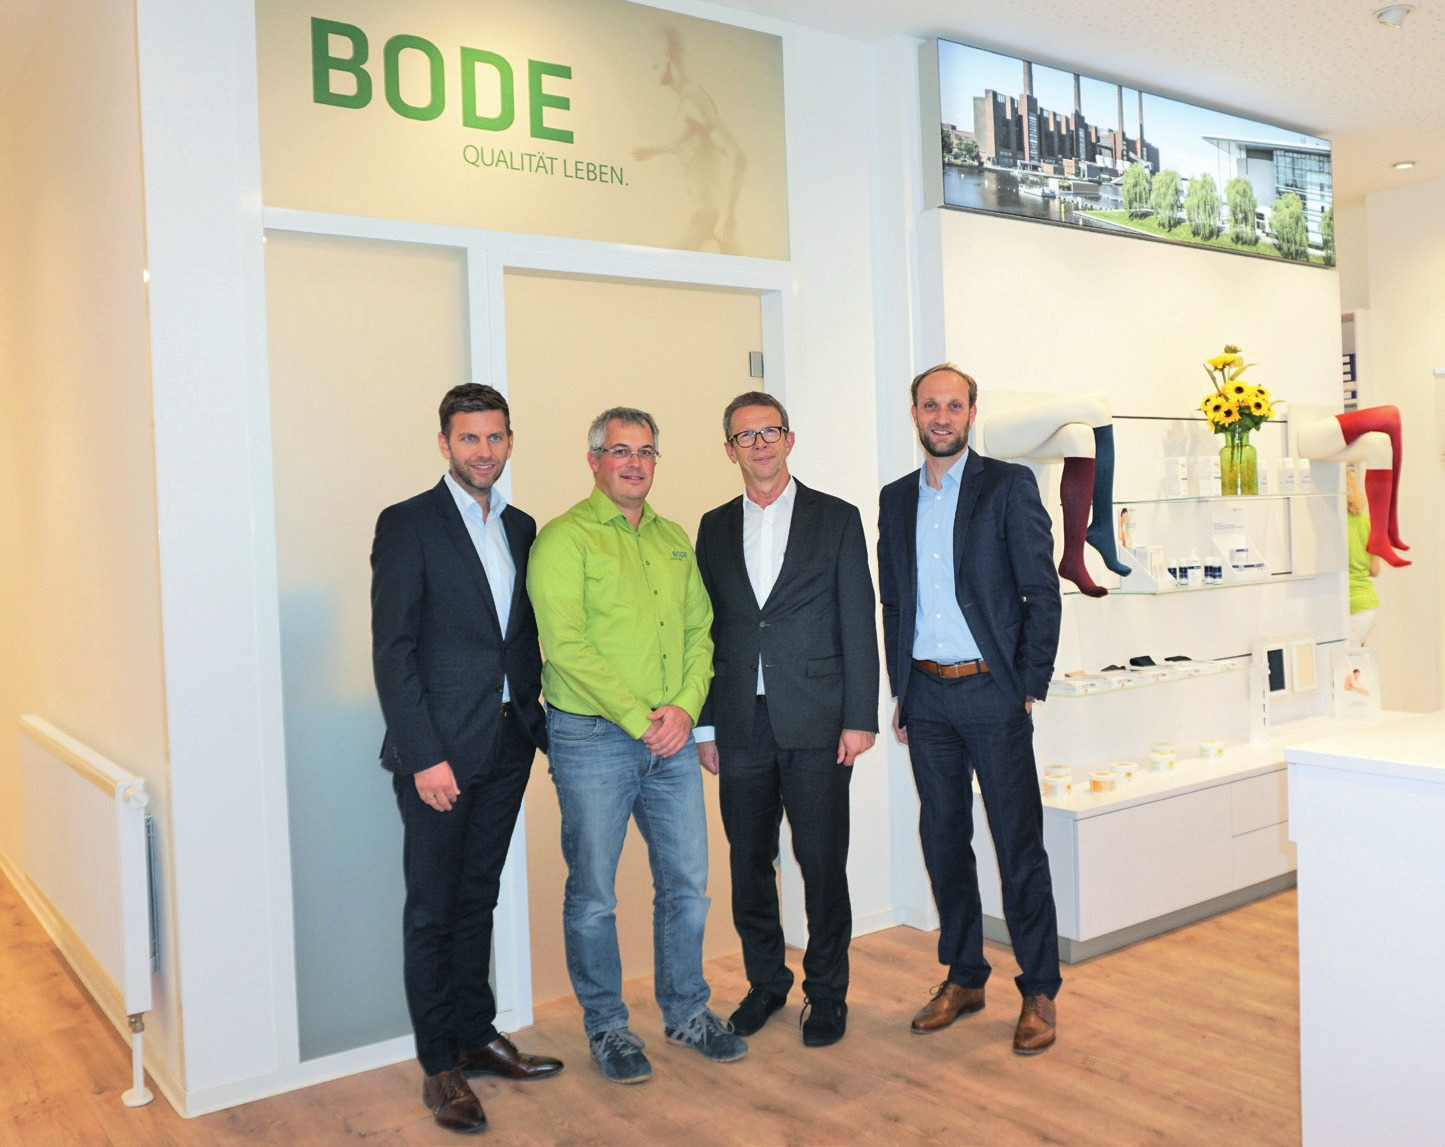 Von links: Wirtschaftsdezernent Dennis Weilmann, Tassilo Bode, Oberbürgermeister Klaus Mohrs, WMG-Geschäftsführer Jens Hofschröer. Fotos: WMG Wolfsburg